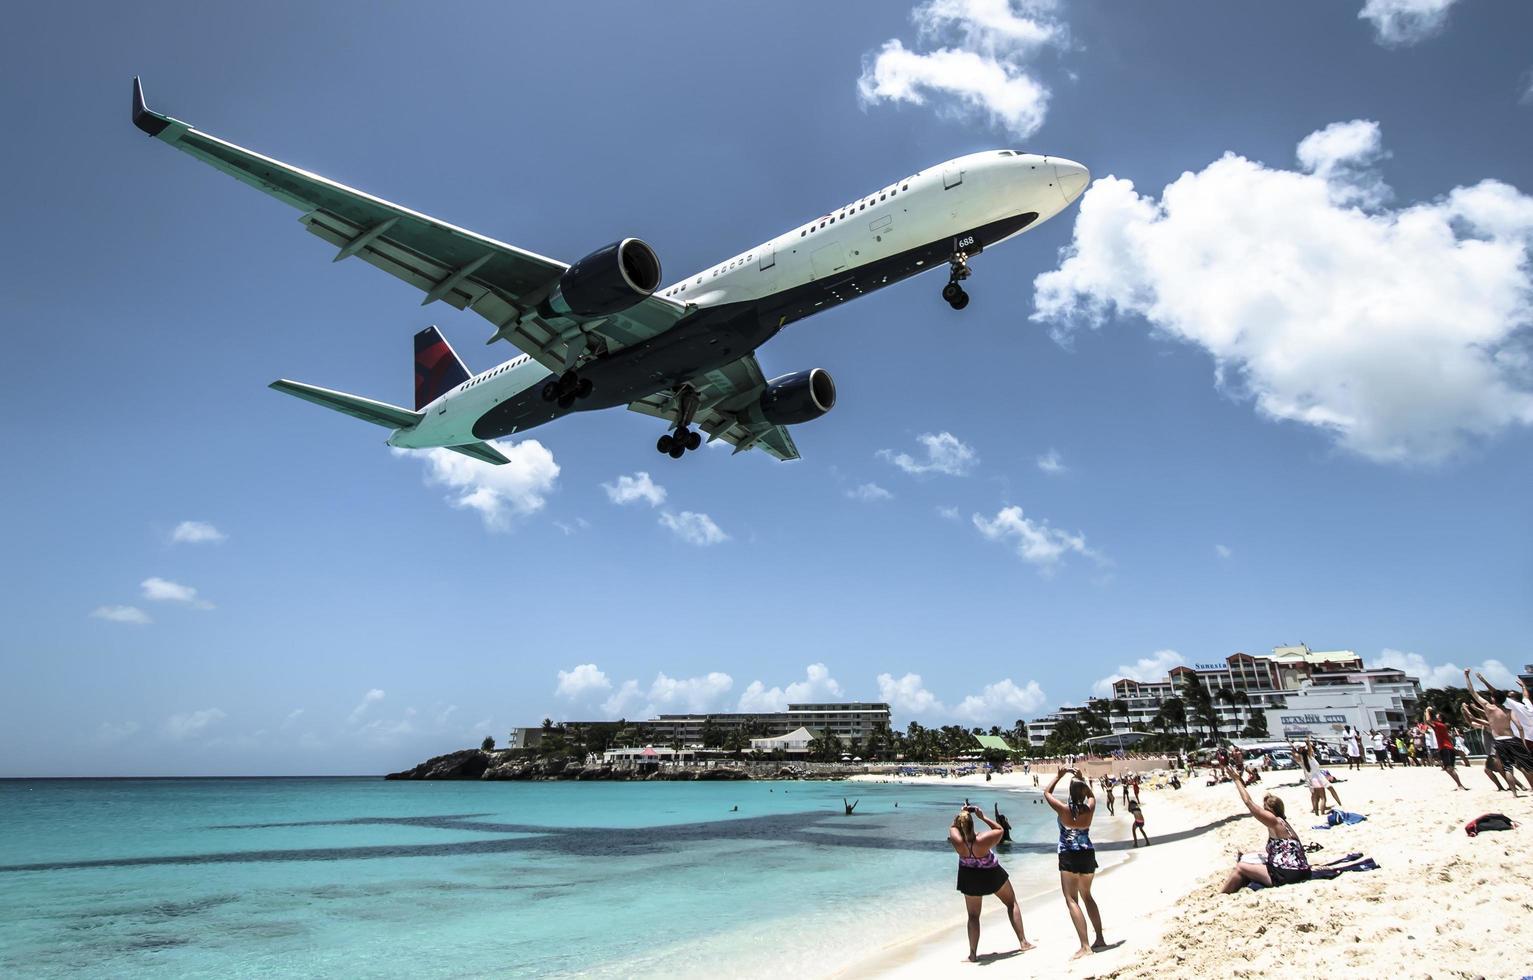 st. martin, 2013-turister tränger på maho beach när lågflygande flygplan närmar sig landningsbanan över strandlinjen foto